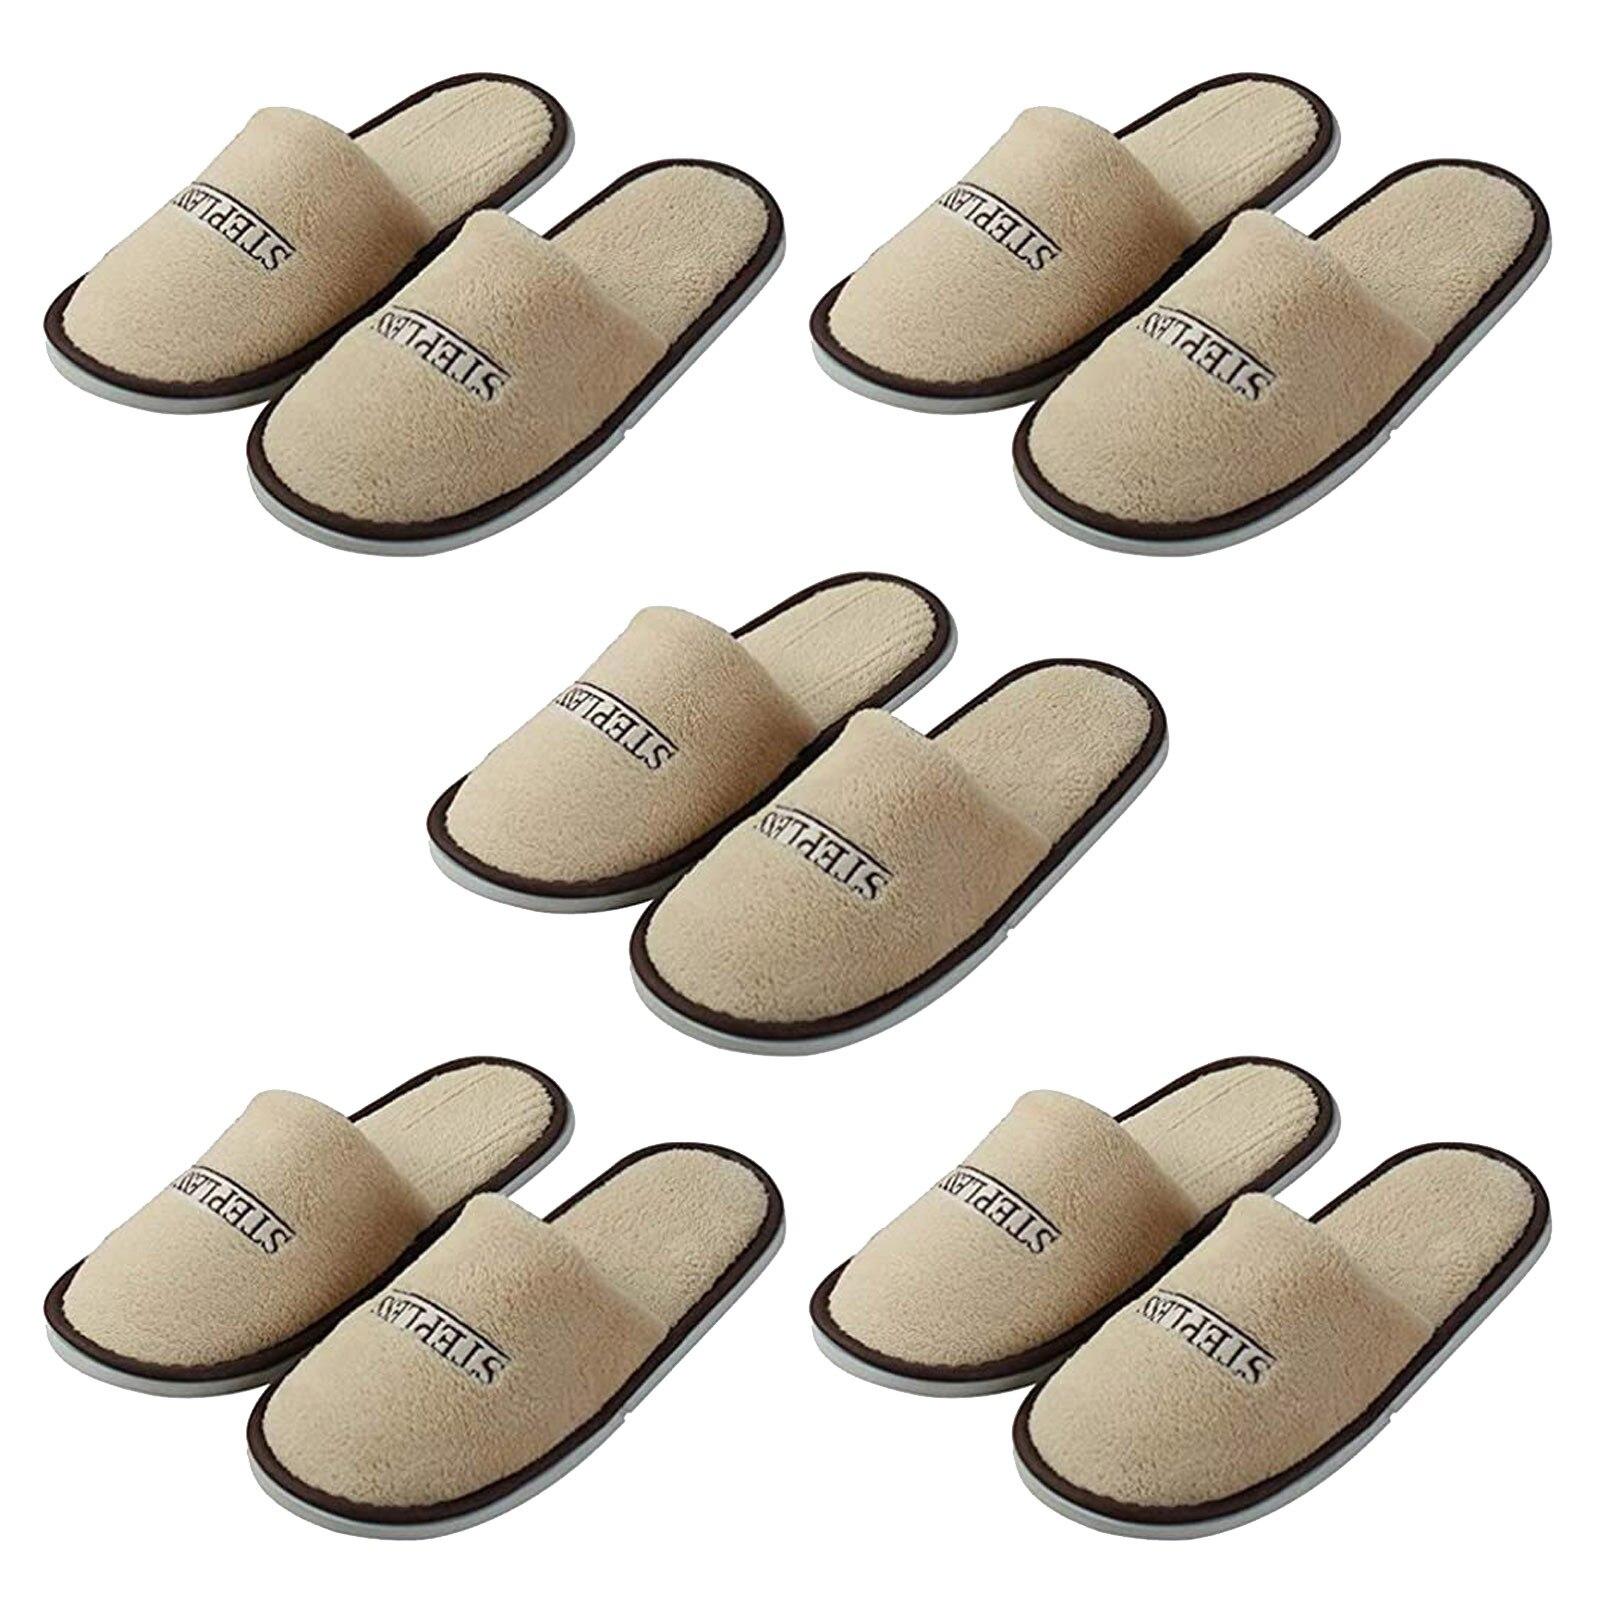 5 пар в партии, модные, стильные, одноразовые Тапочки для Для мужчин Бизнес путешествия пассажир, домашняя обувь, гостевые Тапочки для гостин...